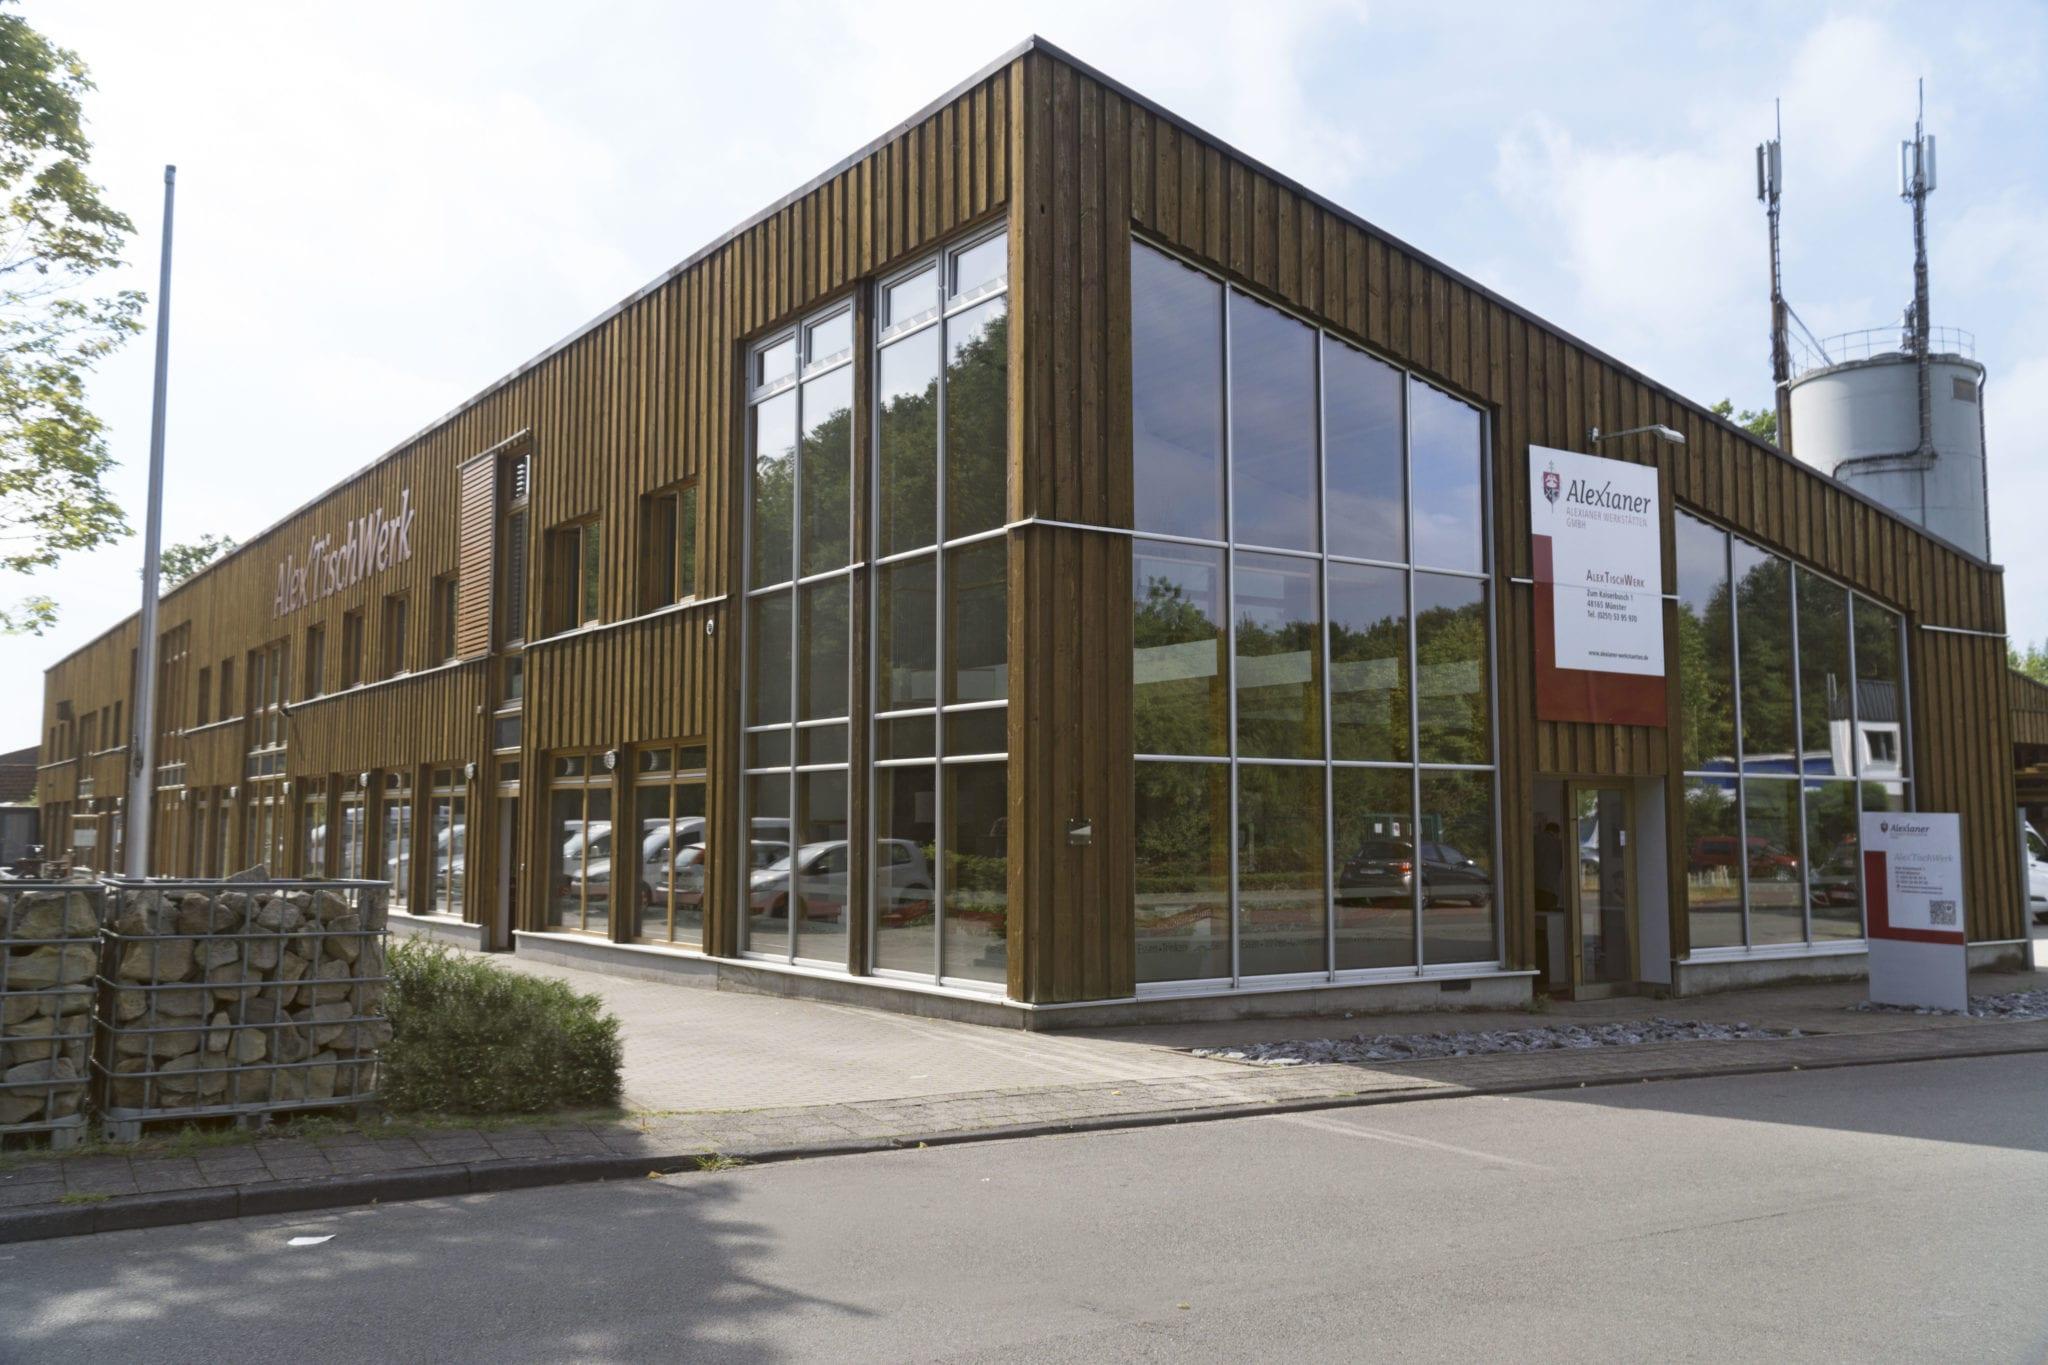 Berufliche Rehabilitation bei den Alexianer Werkstätten in Köln